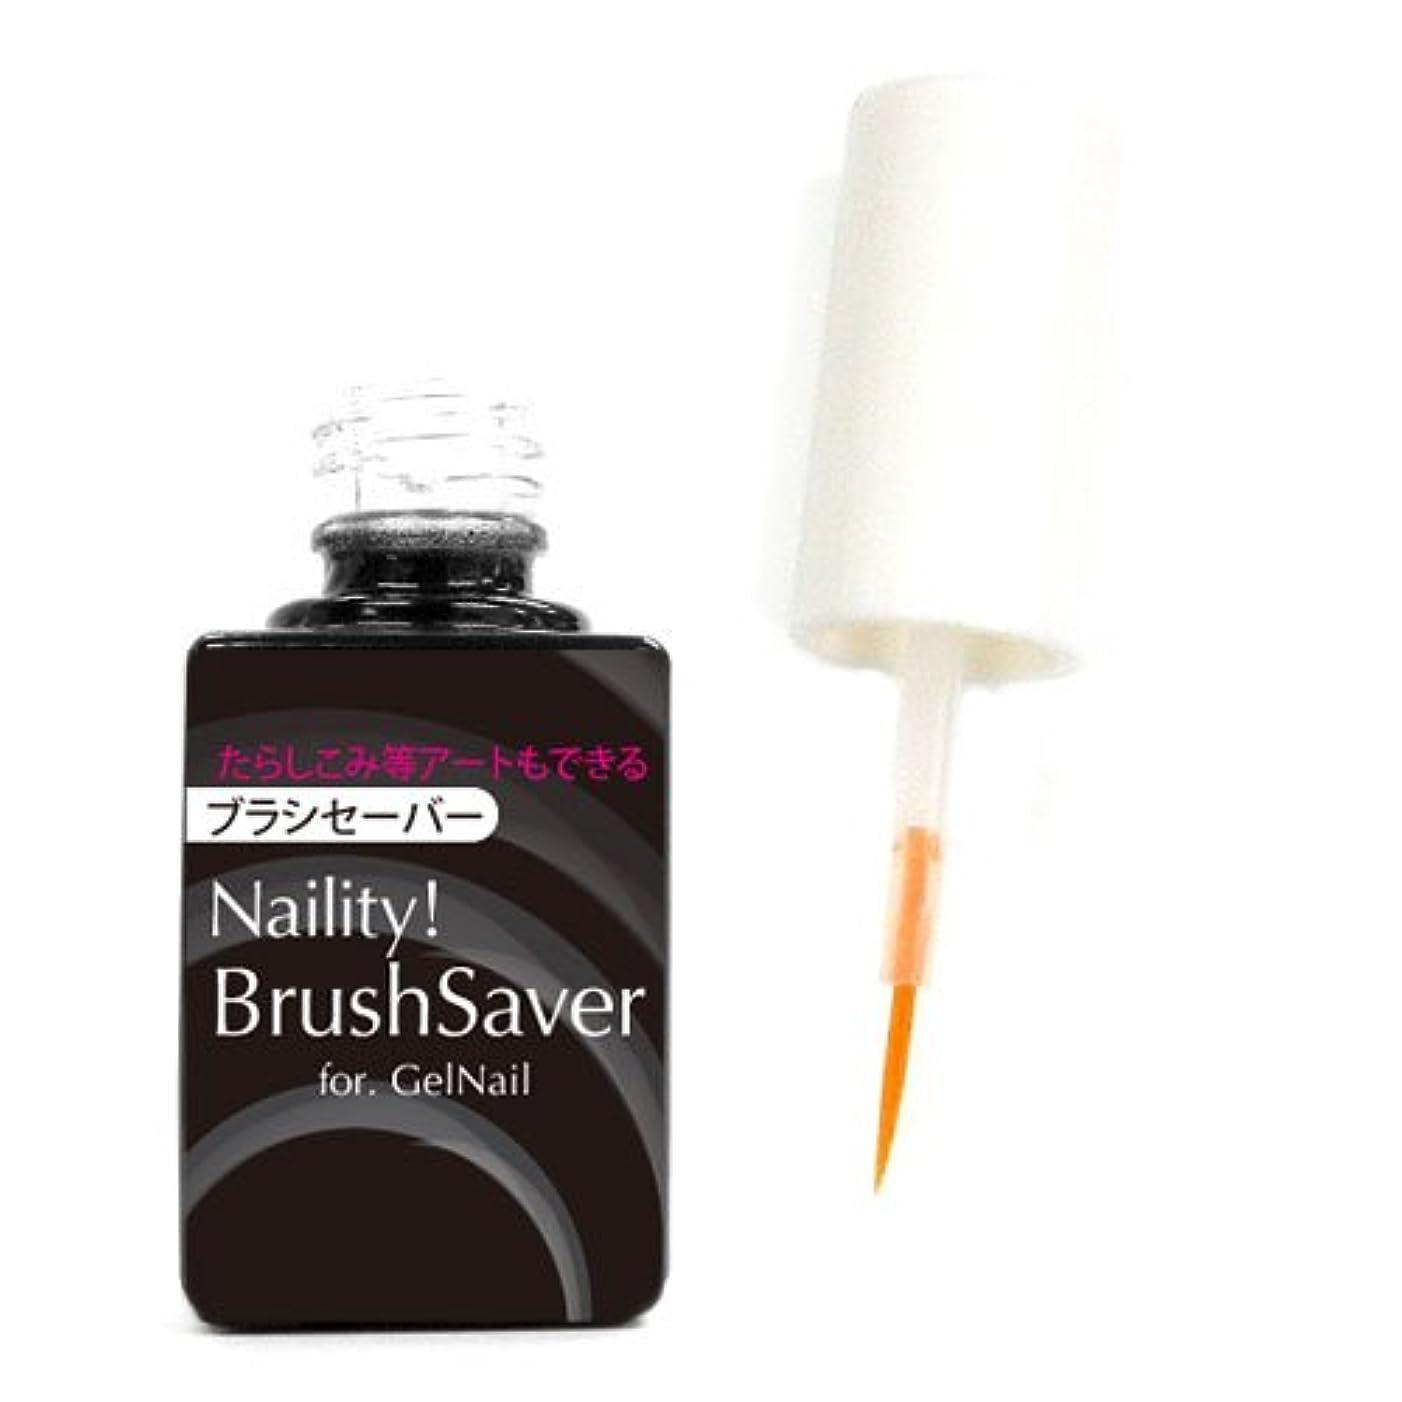 そう透ける歴史Naility!(ネイリティ!) Naility! ライナーブラシセーバー 7mL ジェルネイル